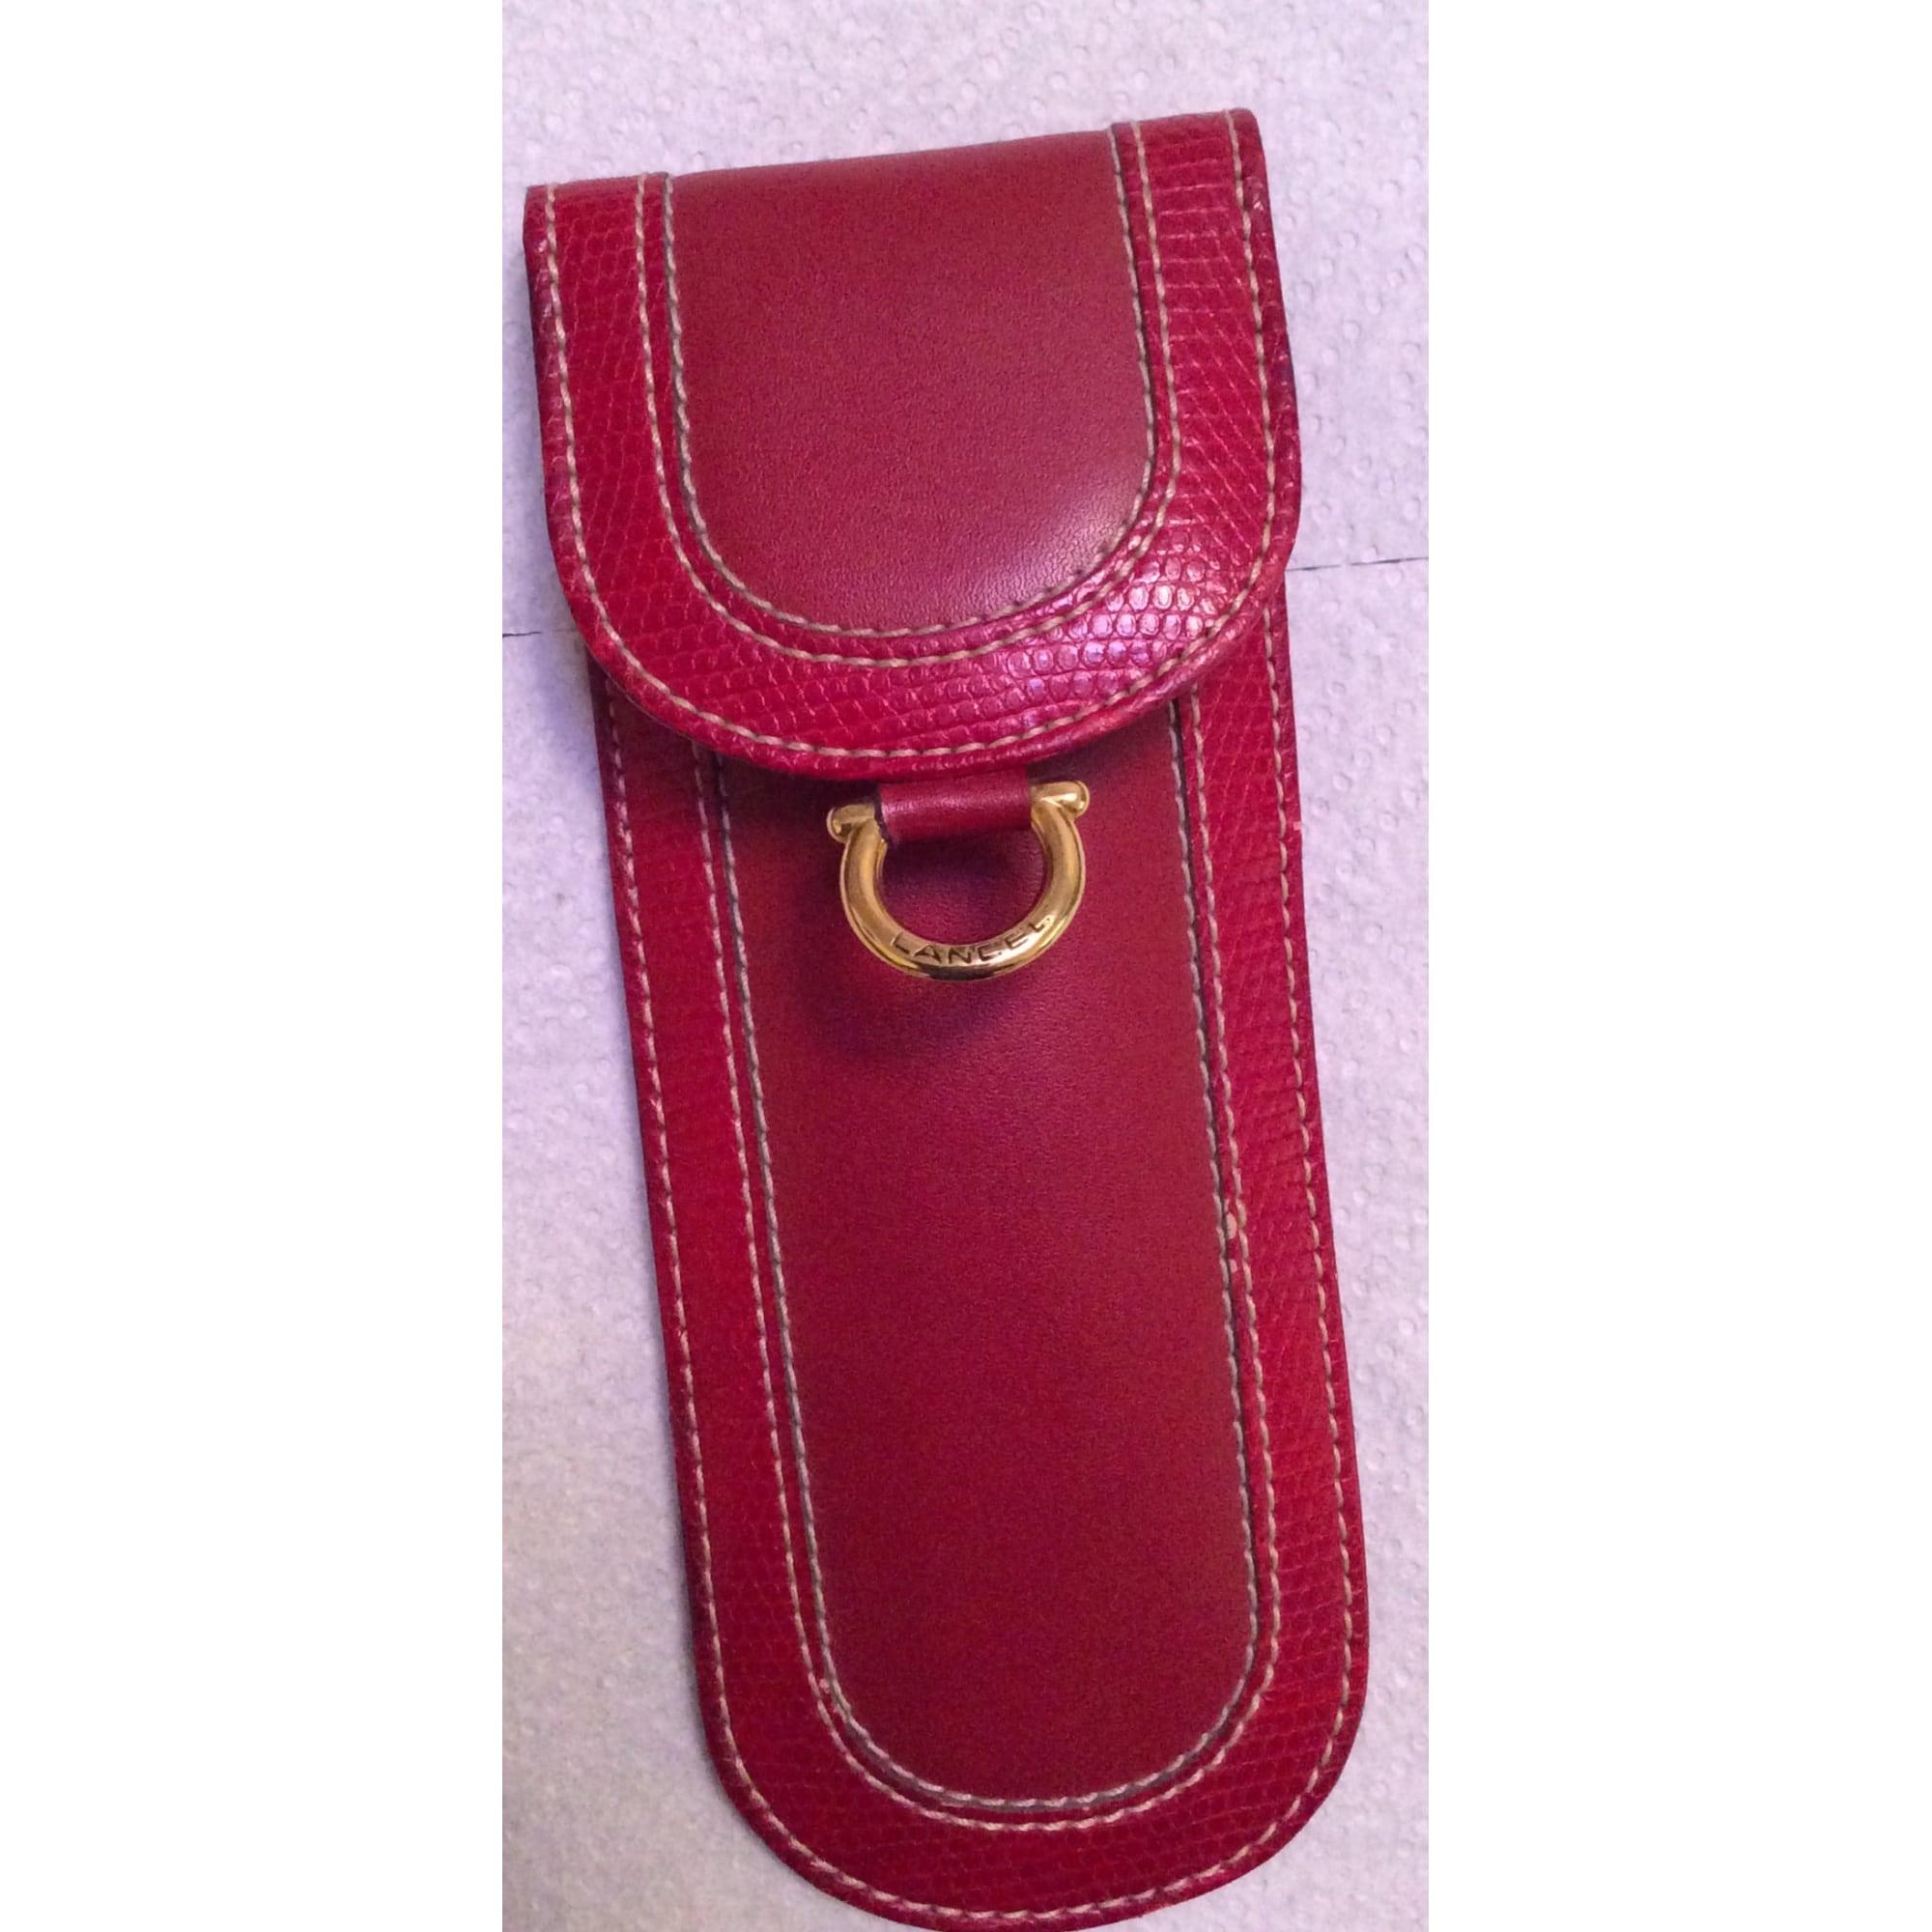 Porte-cigarette LANCEL cuir rouge